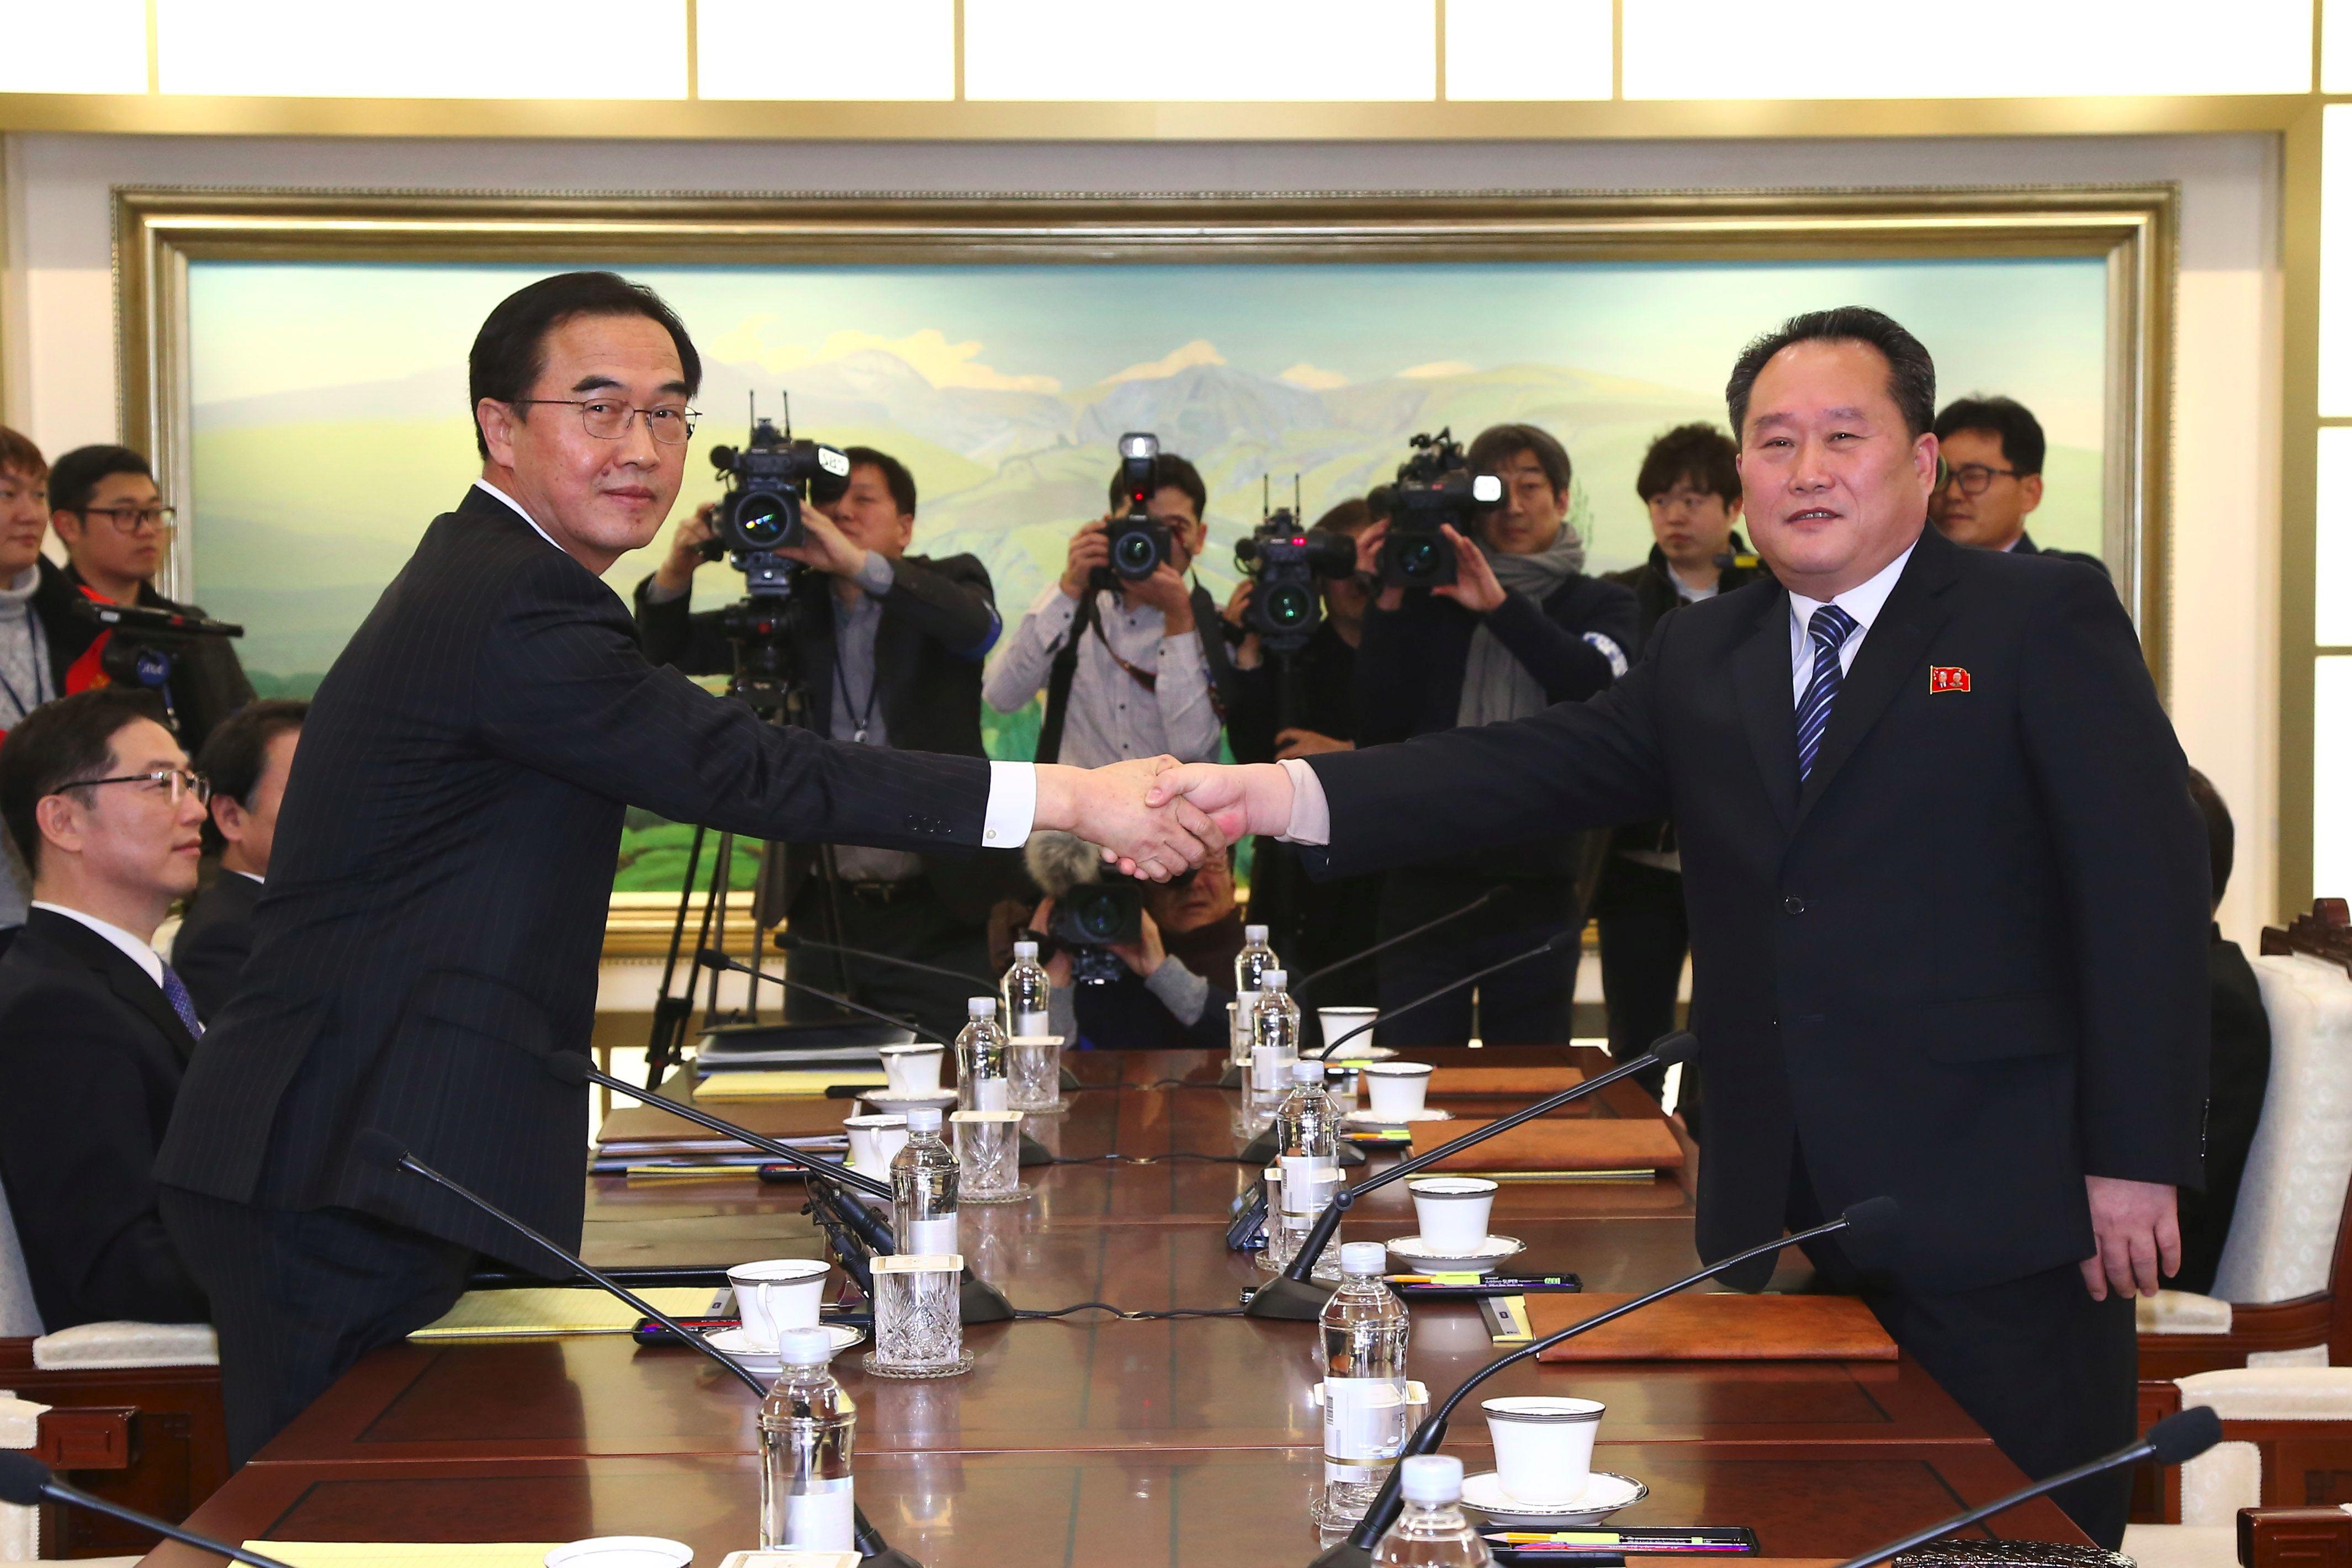 Il ministro sudcoreano Cho Myung-Gyun (sinistra) si stringe la mano con il delegato nordcoreano Ri Son-Gwon (destra) durante l'incontro al villaggio di confine di Panmunjom nella zona demilitarizzata (DMZ) che divide le due Coree il 9 gennaio 2018. (Foto di: KOREA POOL/AFP/Getty Images)